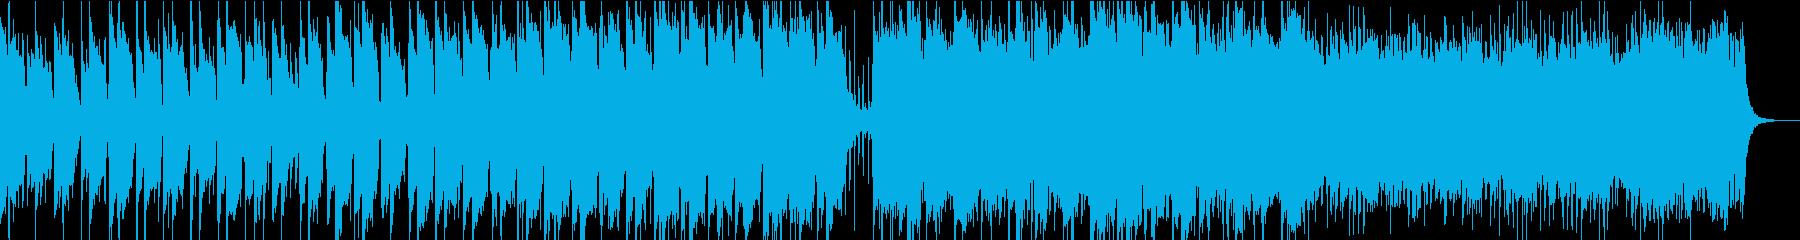 生演奏アコギ 企業VPや感動映像 CMにの再生済みの波形